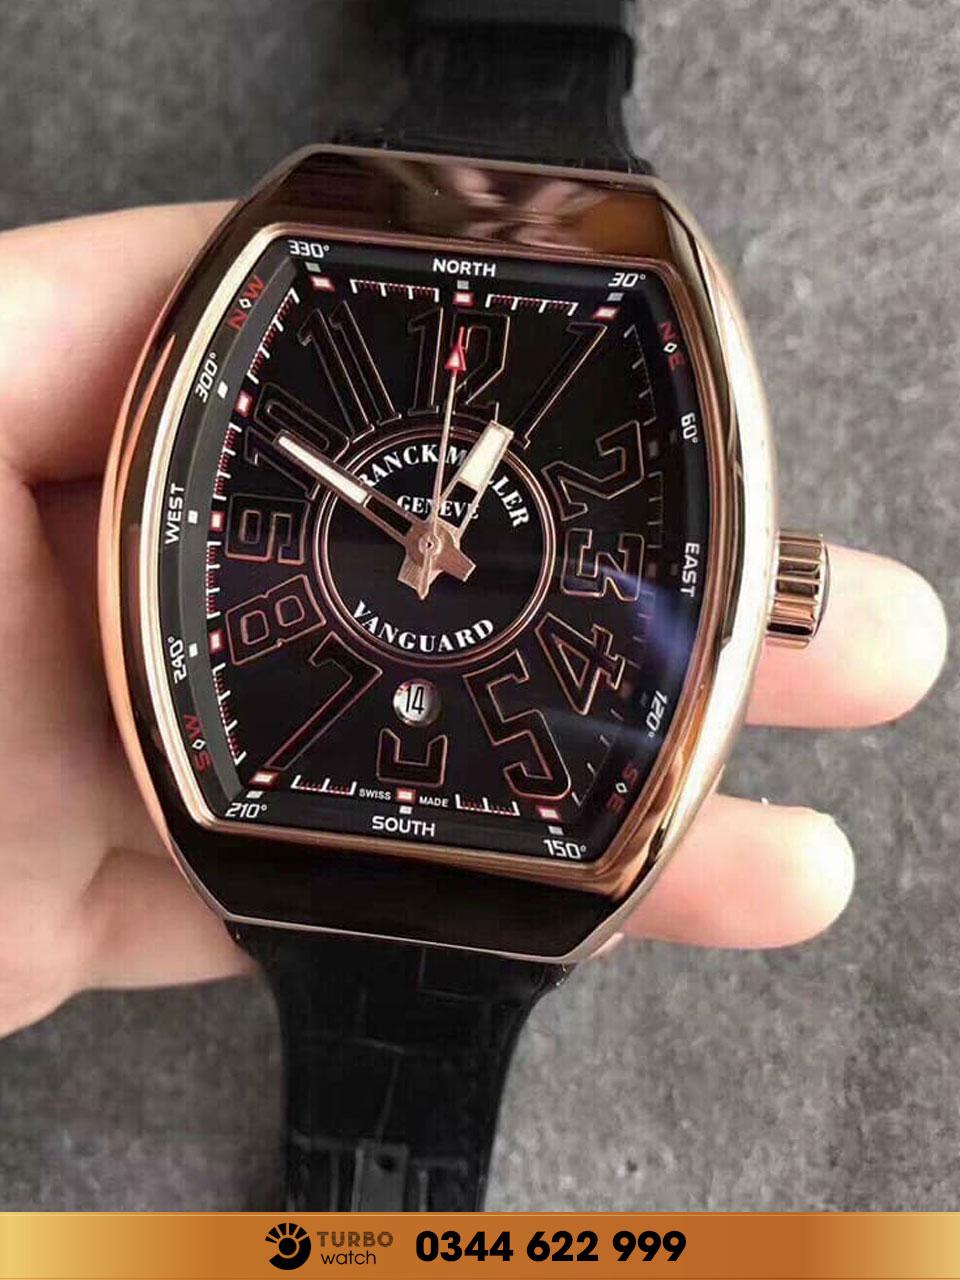 Franck Muller là một thương hiệu đồng hồ được sáng lập vào năm 1991